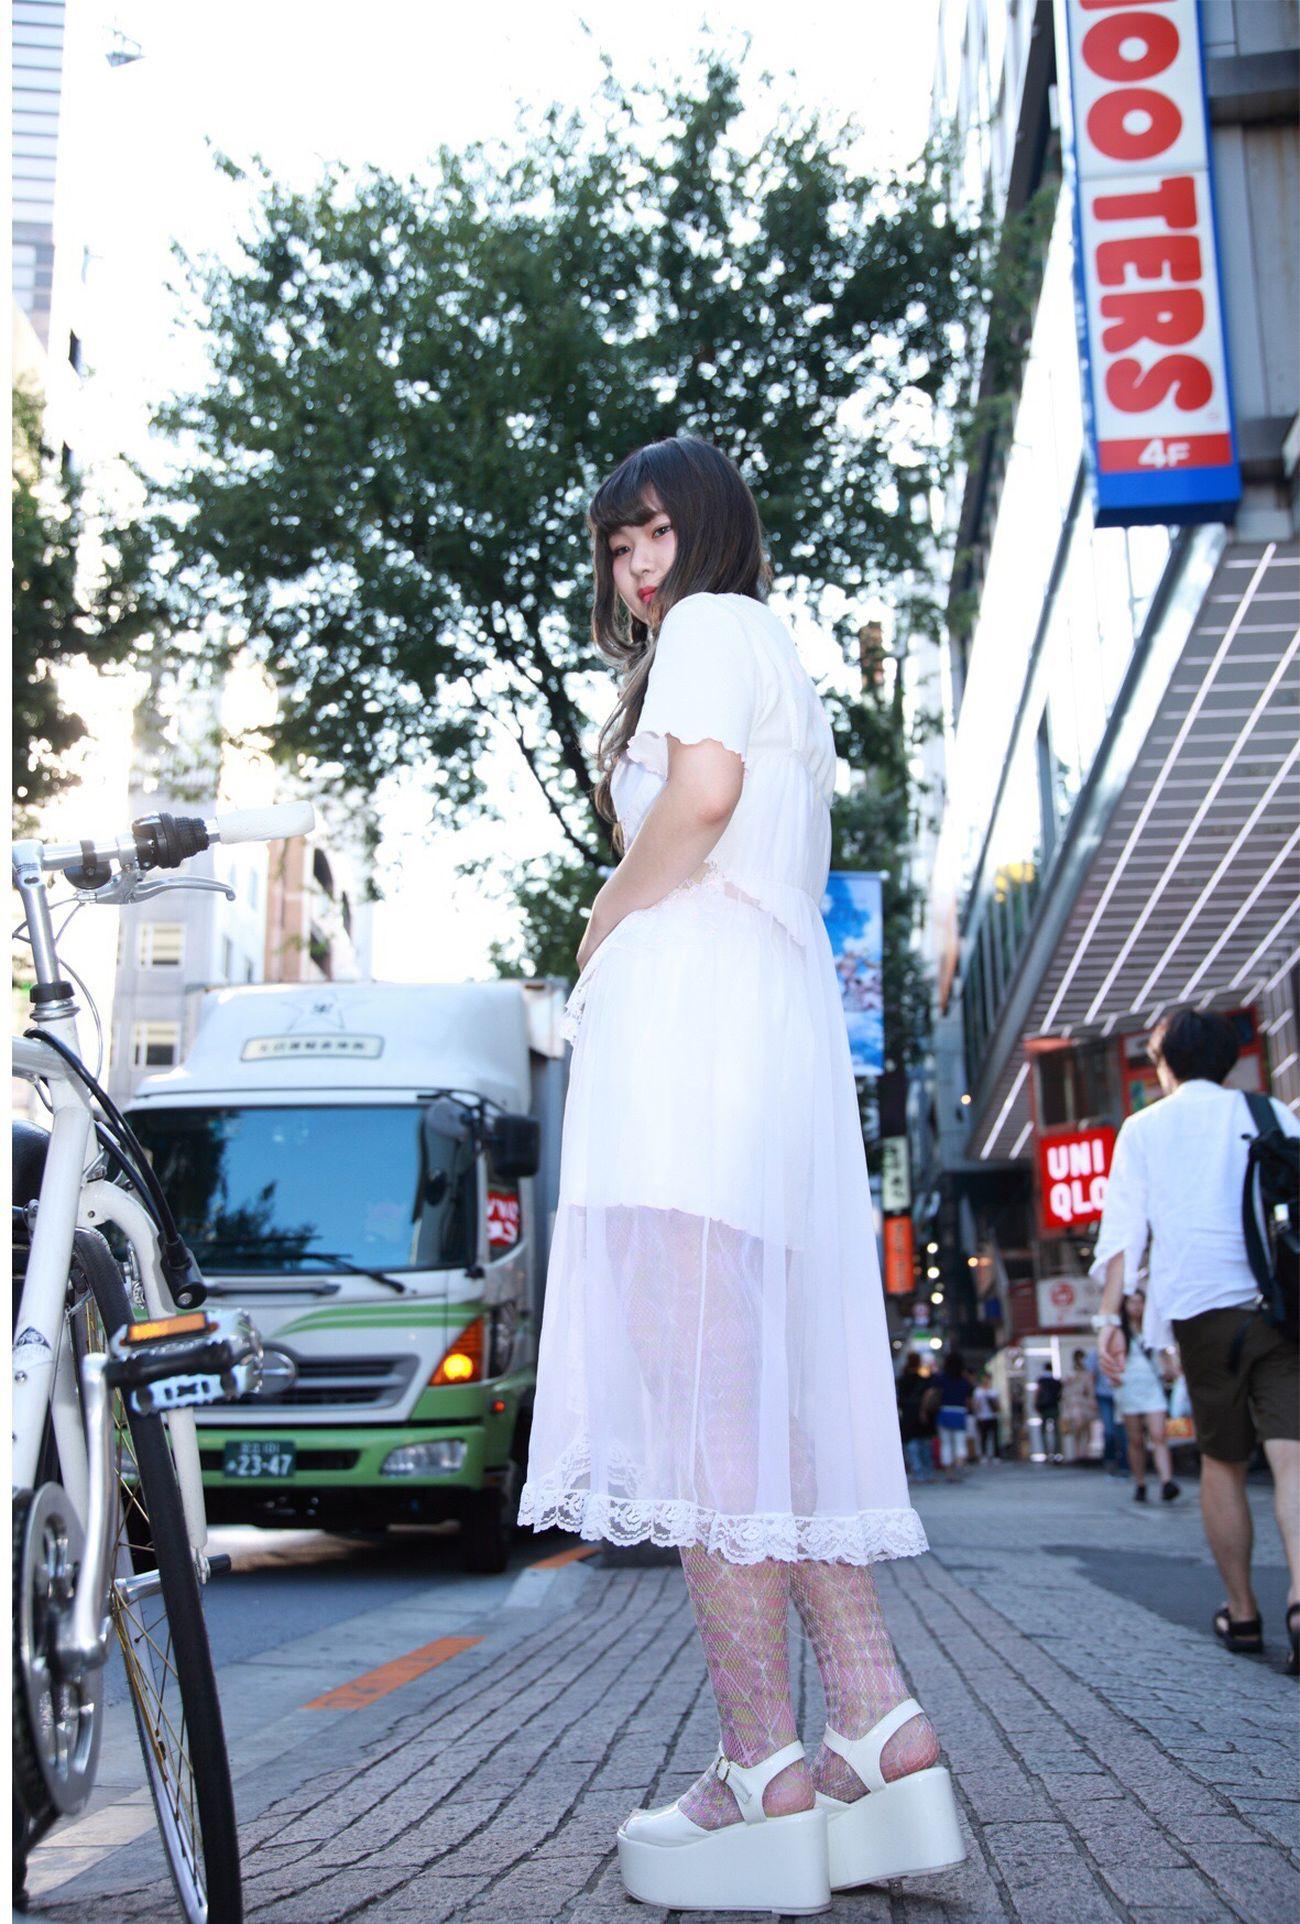 この子って本当にメッシュ系のタイツやソックス好きなんですね。シアースカートごしのタイツがさりげなくセクシーアピール?このプリントメッシュまだ少し残ってます。オレンジとパープルがあります。 #ぽこあぽこ #タイツ #tights #shibuya109 ぽこあぽこ Pocoapoco タイツ Tights Shibuya109